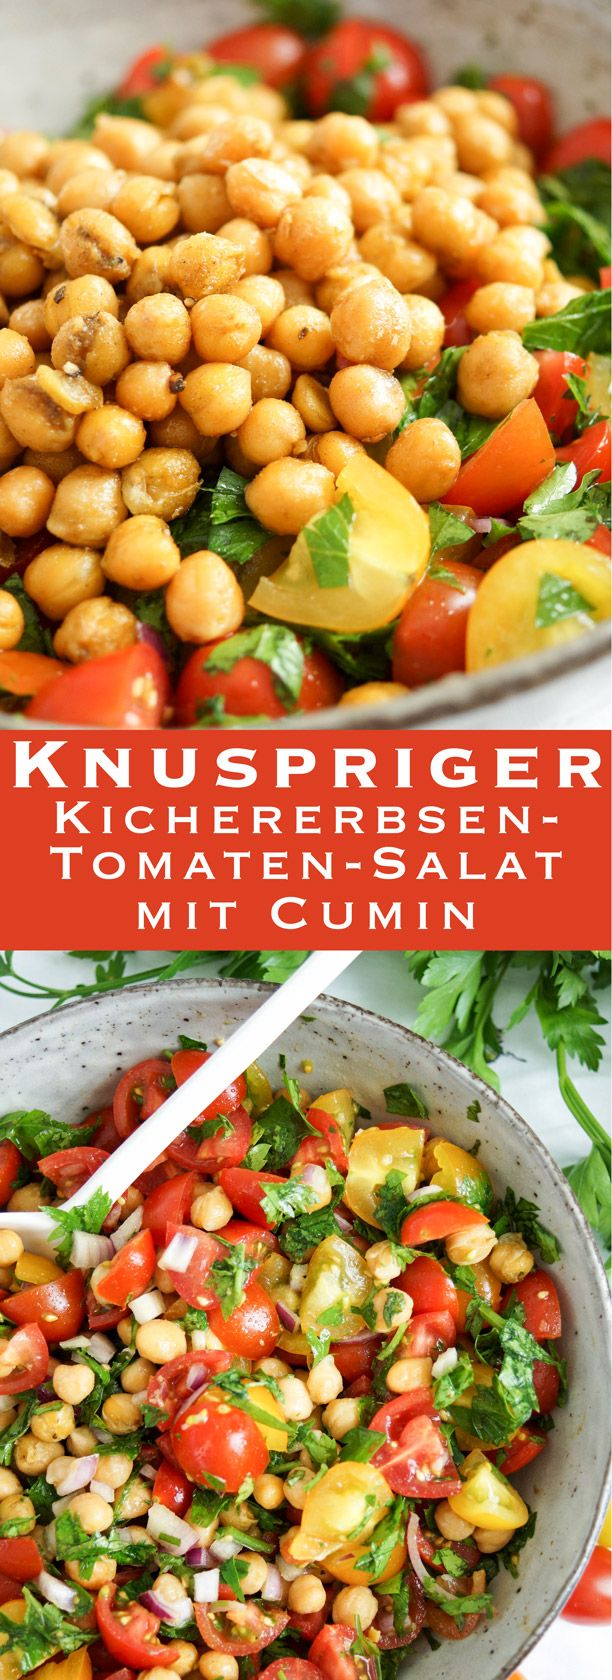 Knuspriger Kichererbsen-Tomaten-Salat (vegan + glutenfrei)Melanie Wendt